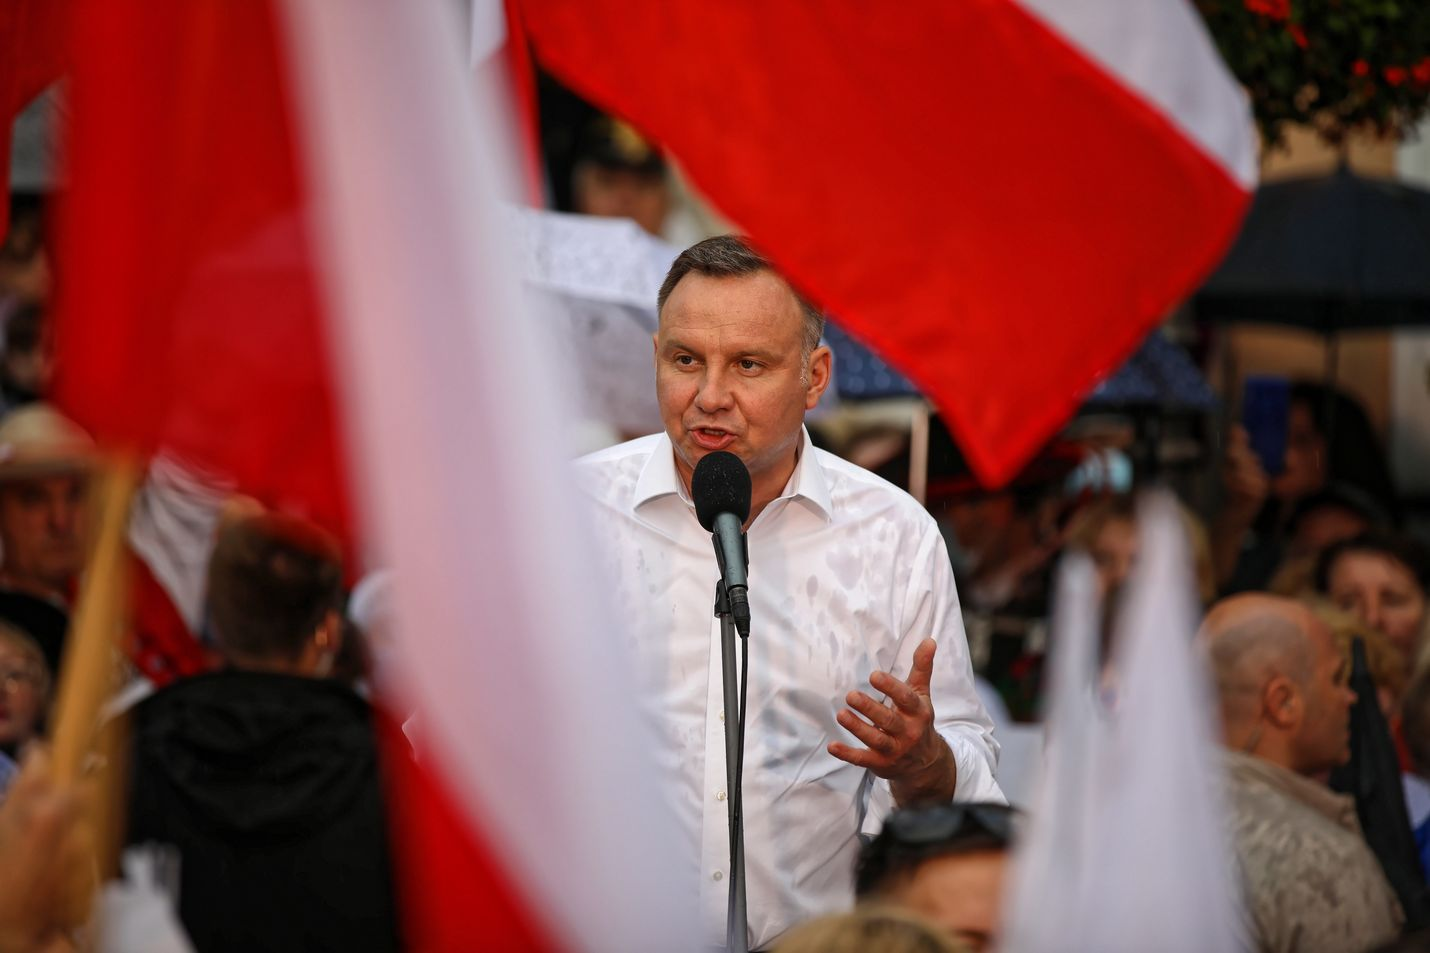 Puolan istuva presidentti Andrzej Duda (kuvassa) kampanjoi jatkokautensa puolesta. Dudan taustalla oleva Puolan valtaapitävä PiS-puolue tekee rajua lokakampanjaa Dudan vastaehdokasta, liberaalia Rafal Trzaskowskia vastaan, joka on keskustaoikeistolaisen Civic Platform -puolueen edustaja.